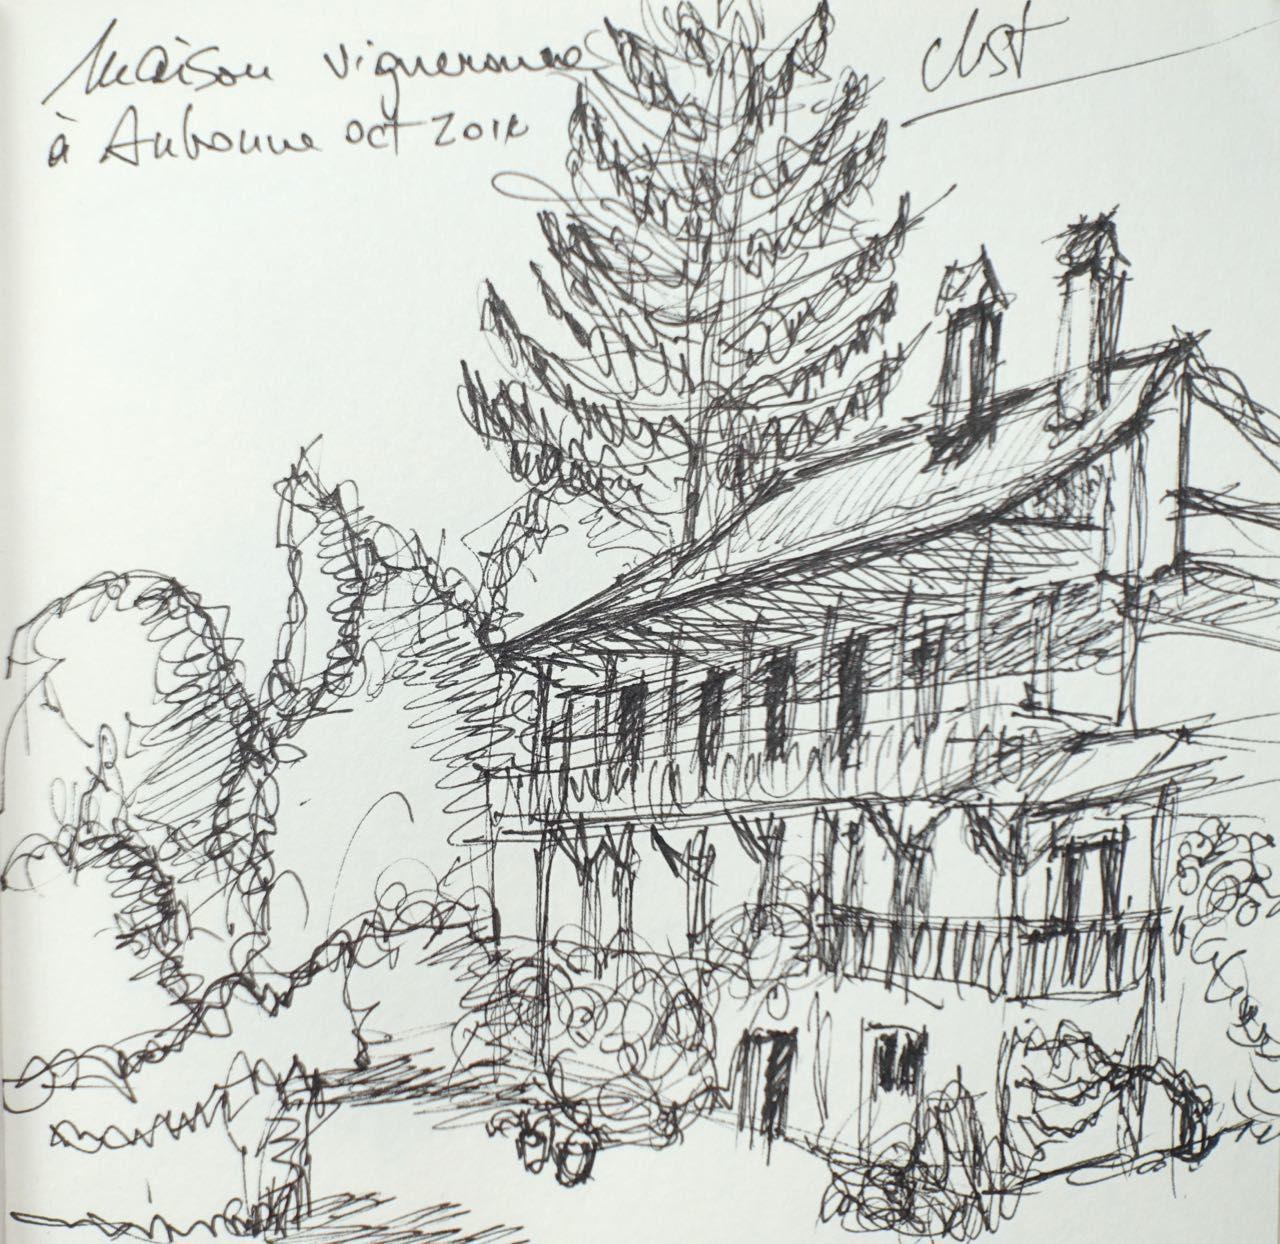 Maison vignerone près d'Aubonne (VD)